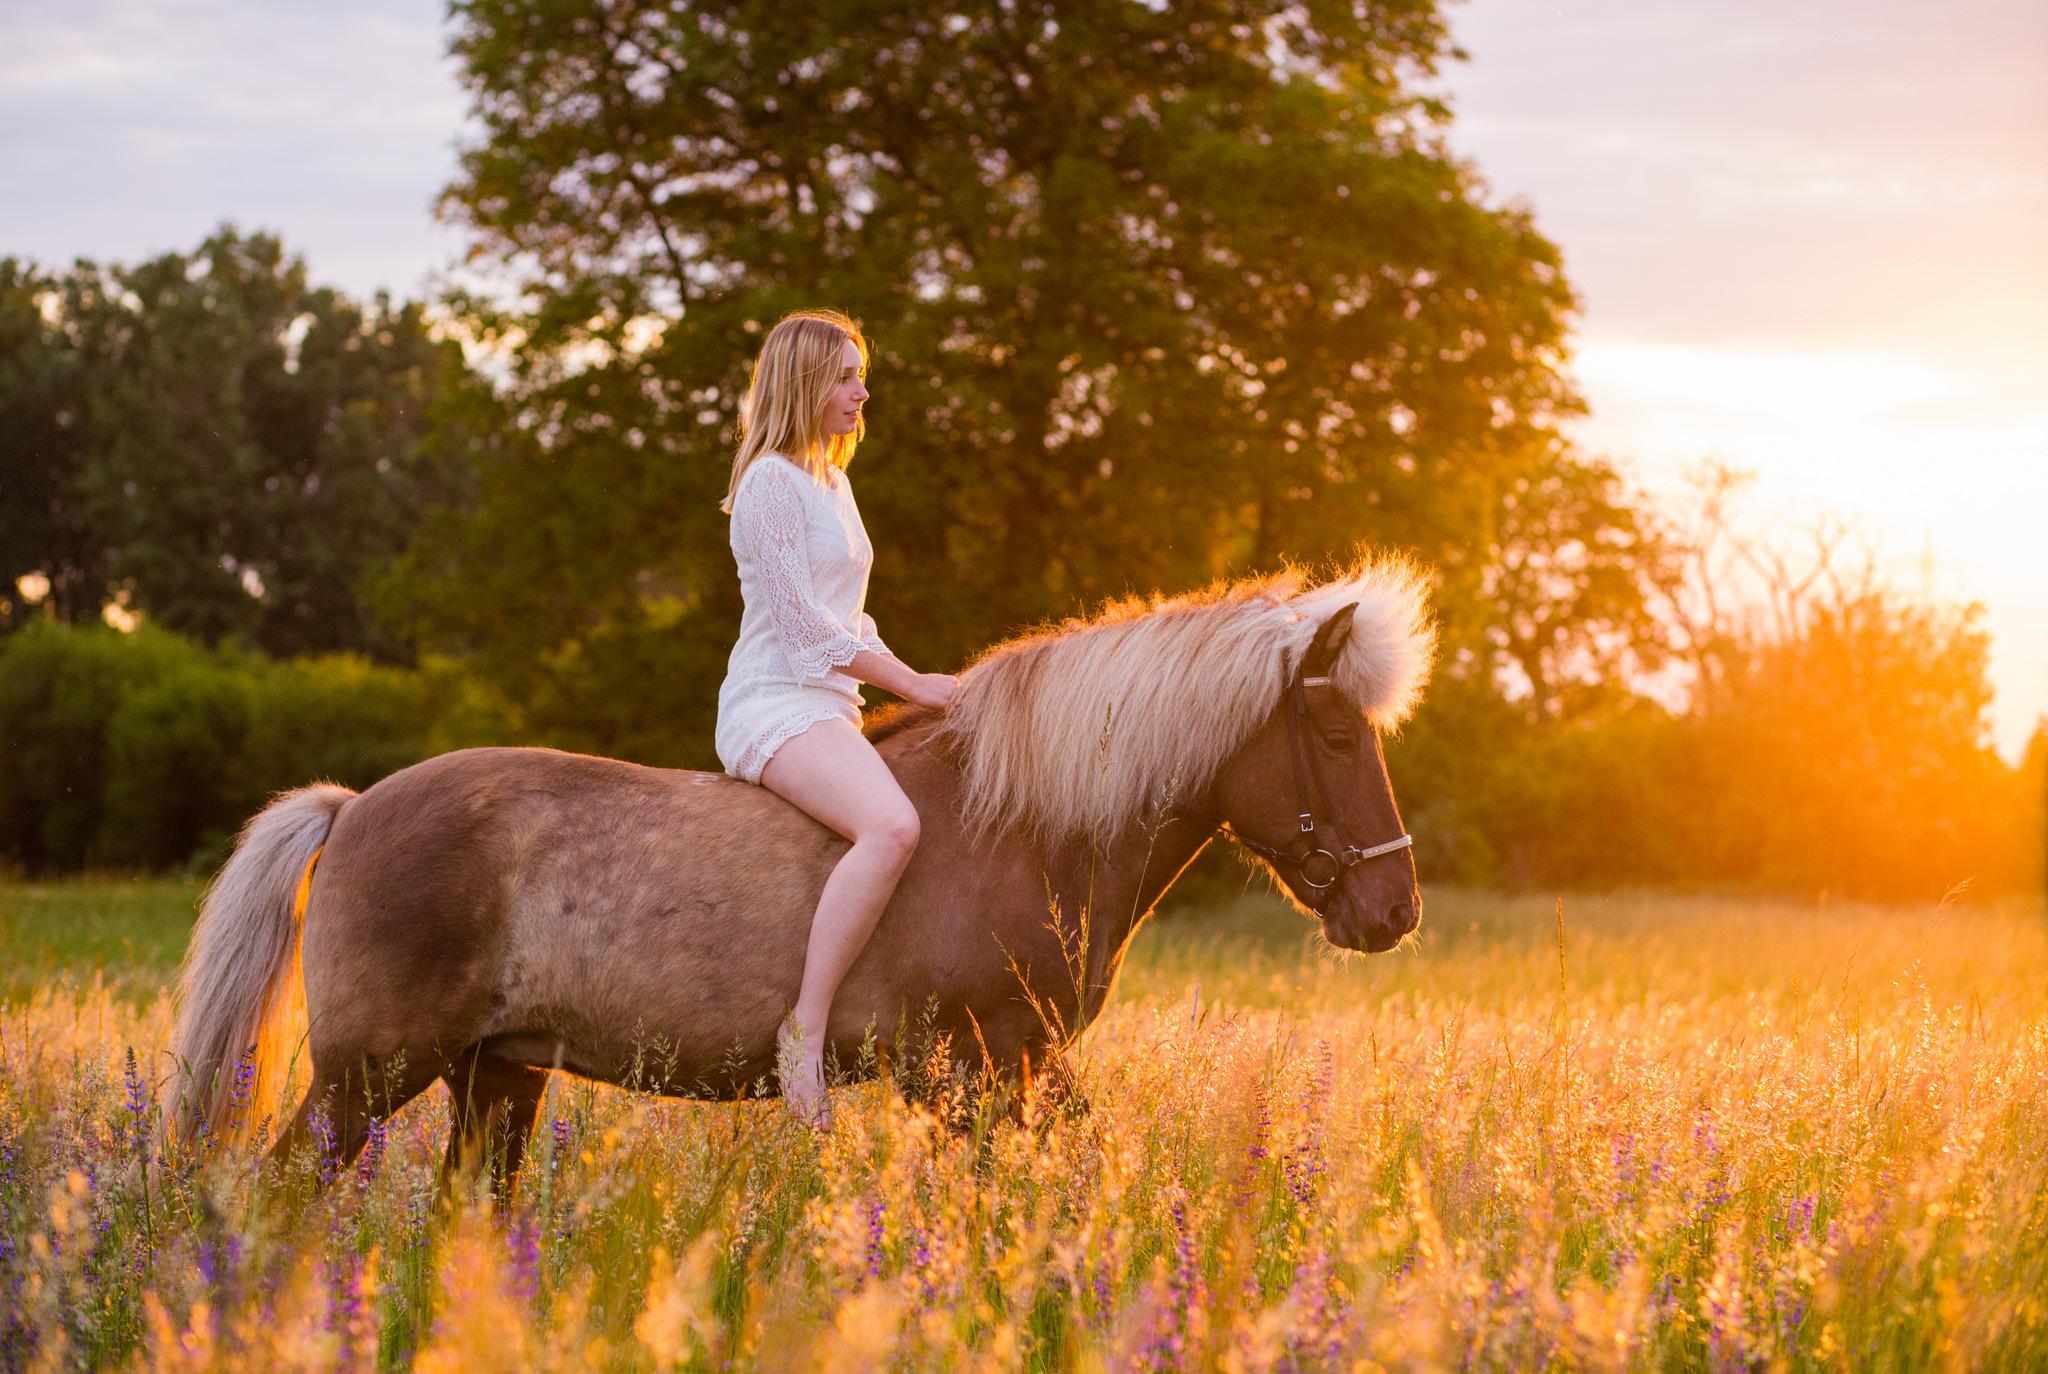 Картинки девушка и лошадь, картинки подписью рисунки